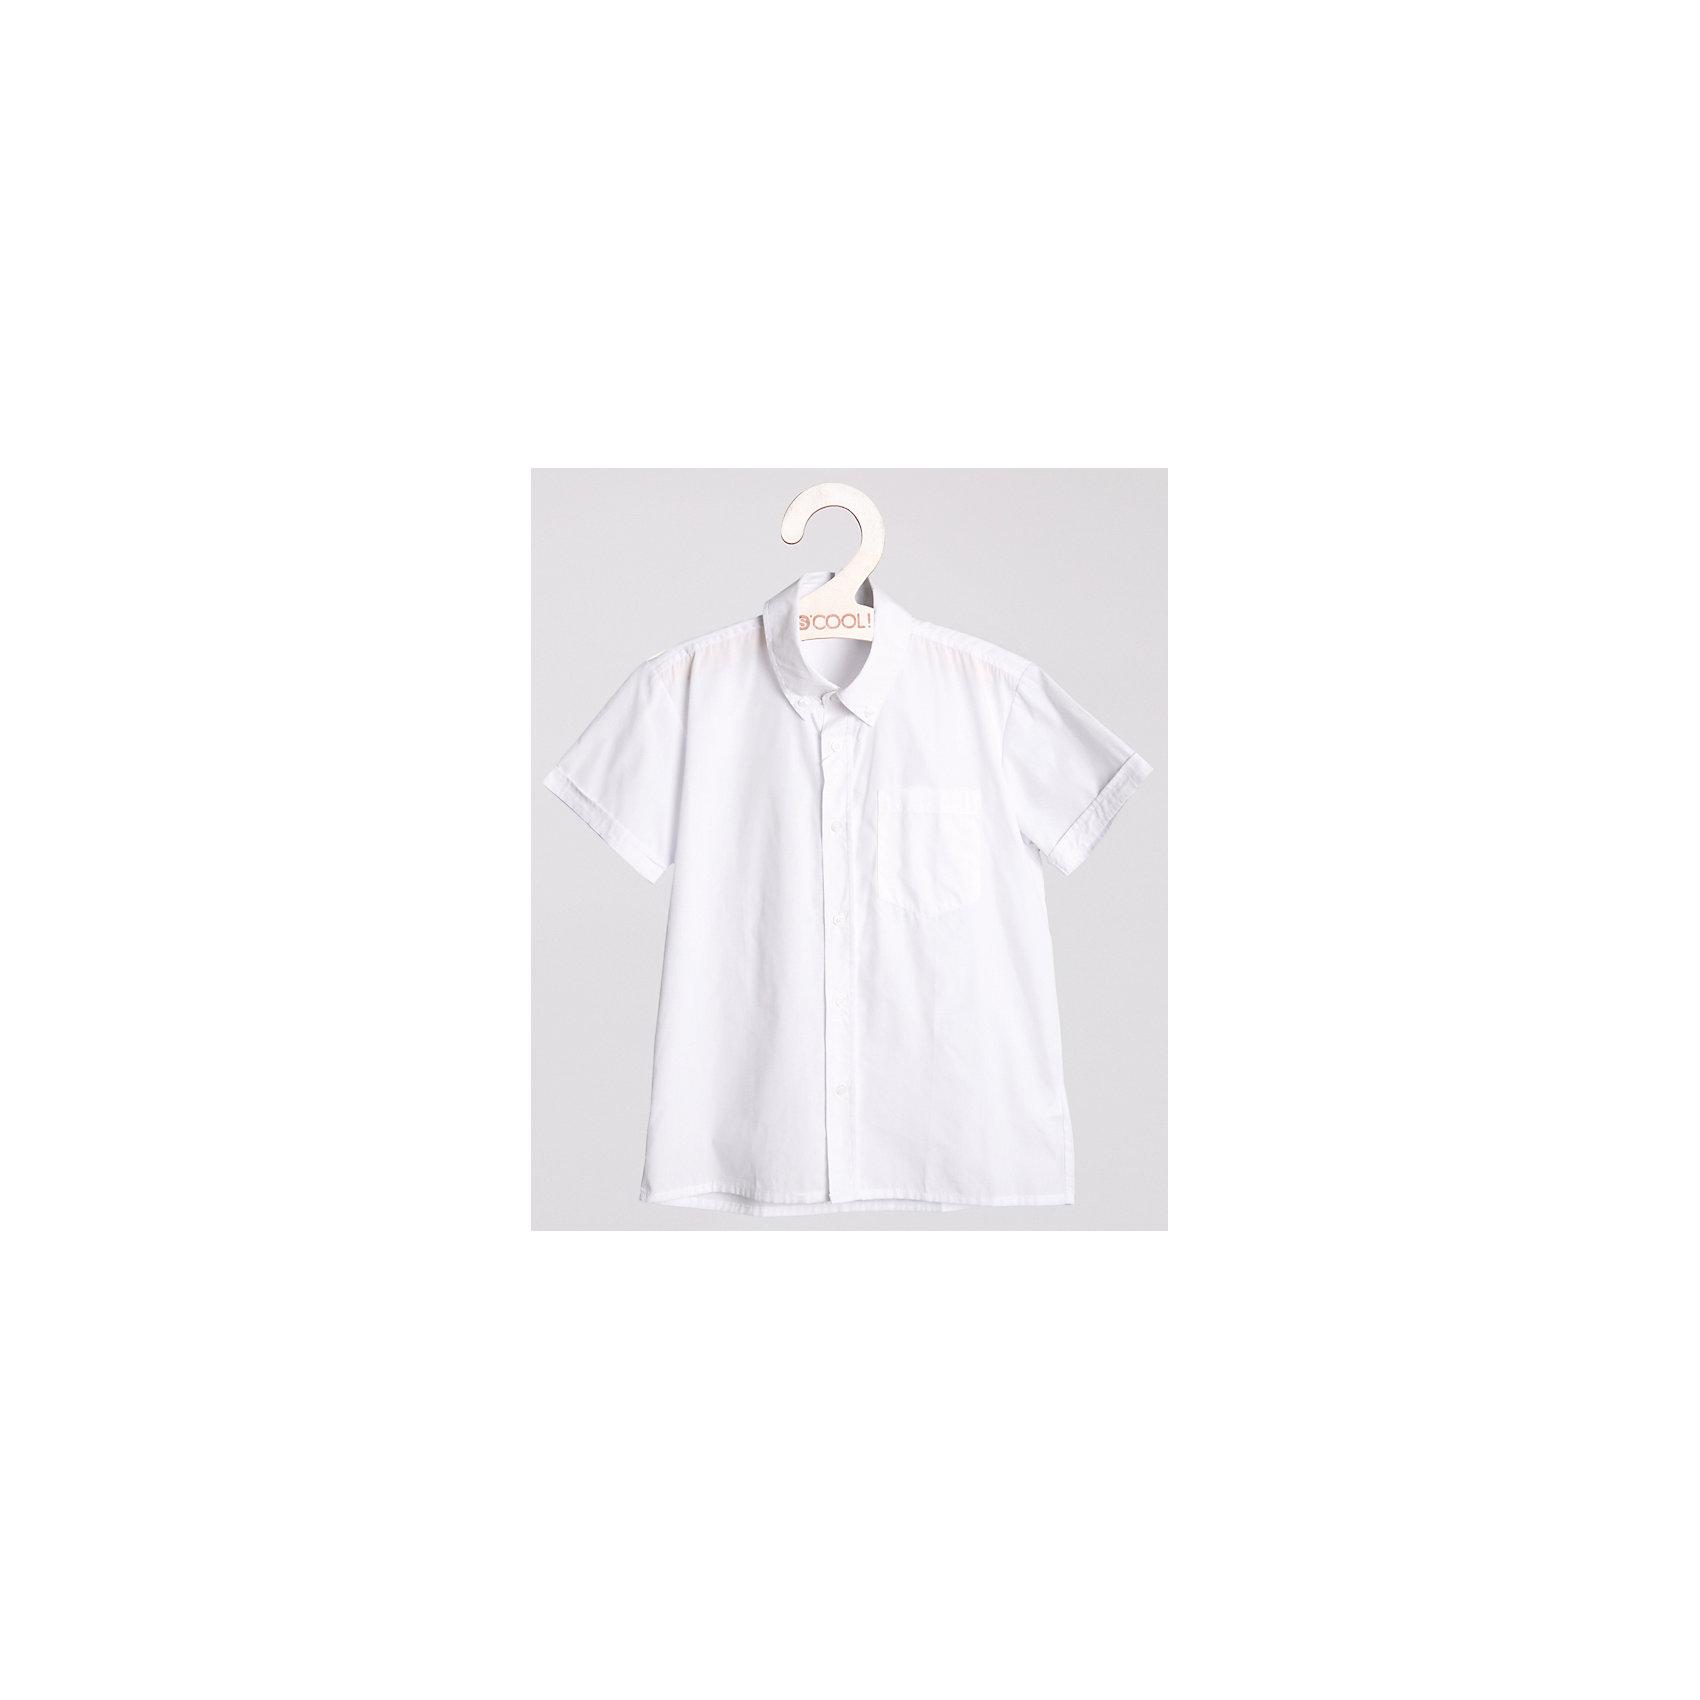 Рубашка для мальчика ScoolБлузки и рубашки<br>Рубашка для мальчика от известной марки Scool.<br>* стильная сорочка с коротким рукавом<br>* накладной карман на груди<br>* отложной воротник классической формы<br>* застежка - пуговицы<br>* манжеты на одной пуговице<br>Состав:<br>60% хлопок, 40% полиэстер<br><br>Ширина мм: 174<br>Глубина мм: 10<br>Высота мм: 169<br>Вес г: 157<br>Цвет: белый<br>Возраст от месяцев: 156<br>Возраст до месяцев: 168<br>Пол: Мужской<br>Возраст: Детский<br>Размер: 164,158,152,134,128,140,146<br>SKU: 4140557